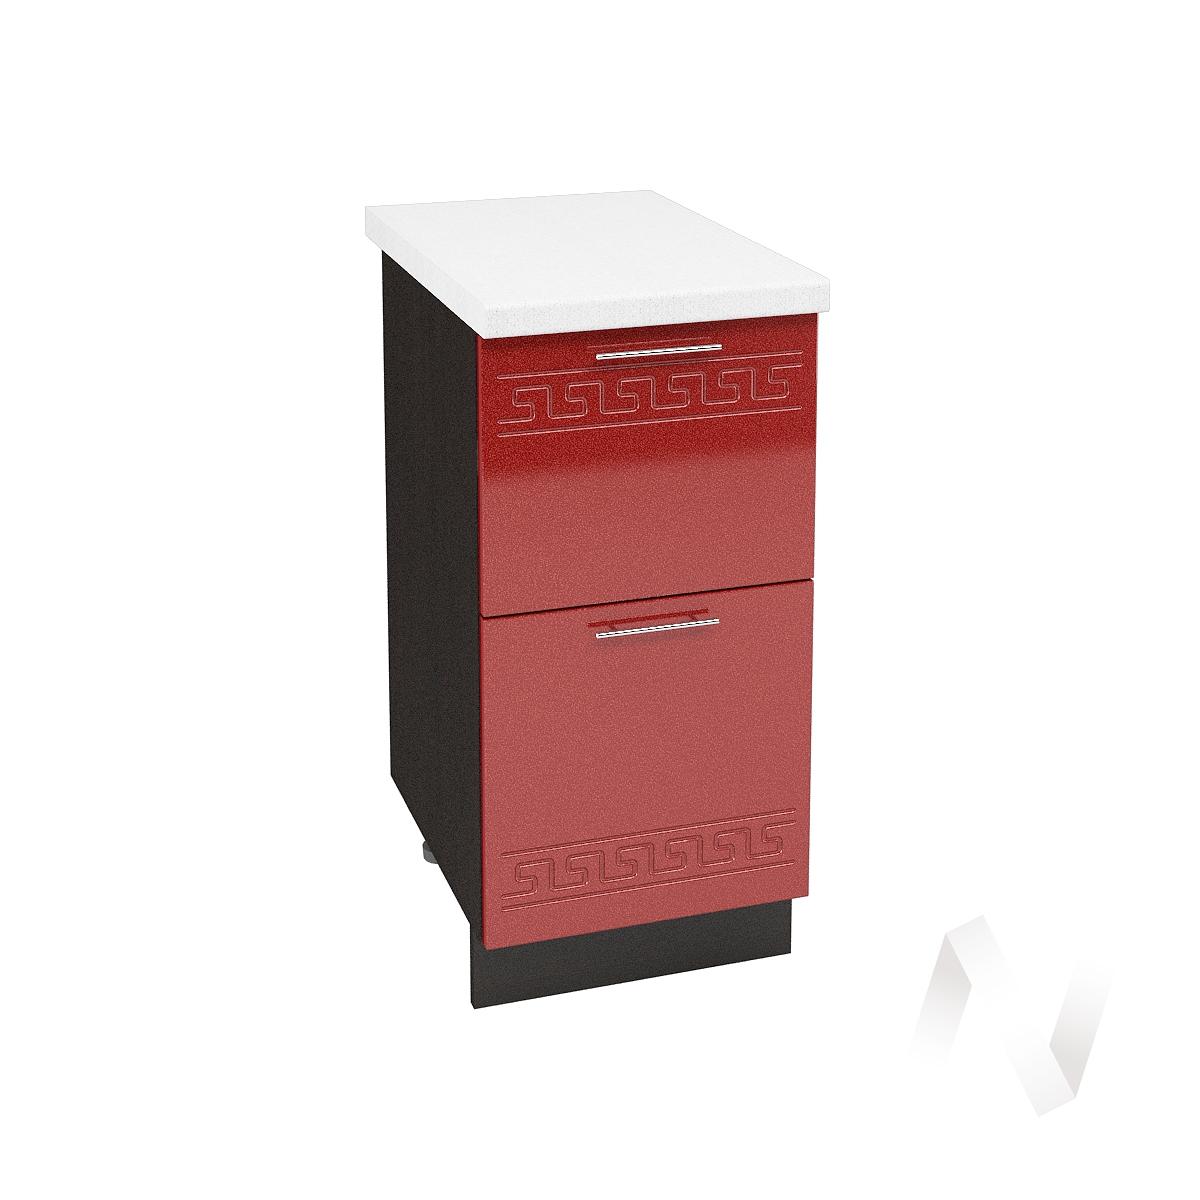 """Кухня """"Греция"""": Шкаф нижний с 2-мя ящиками 400, ШН2Я 400 (гранатовый металлик/корпус венге)"""